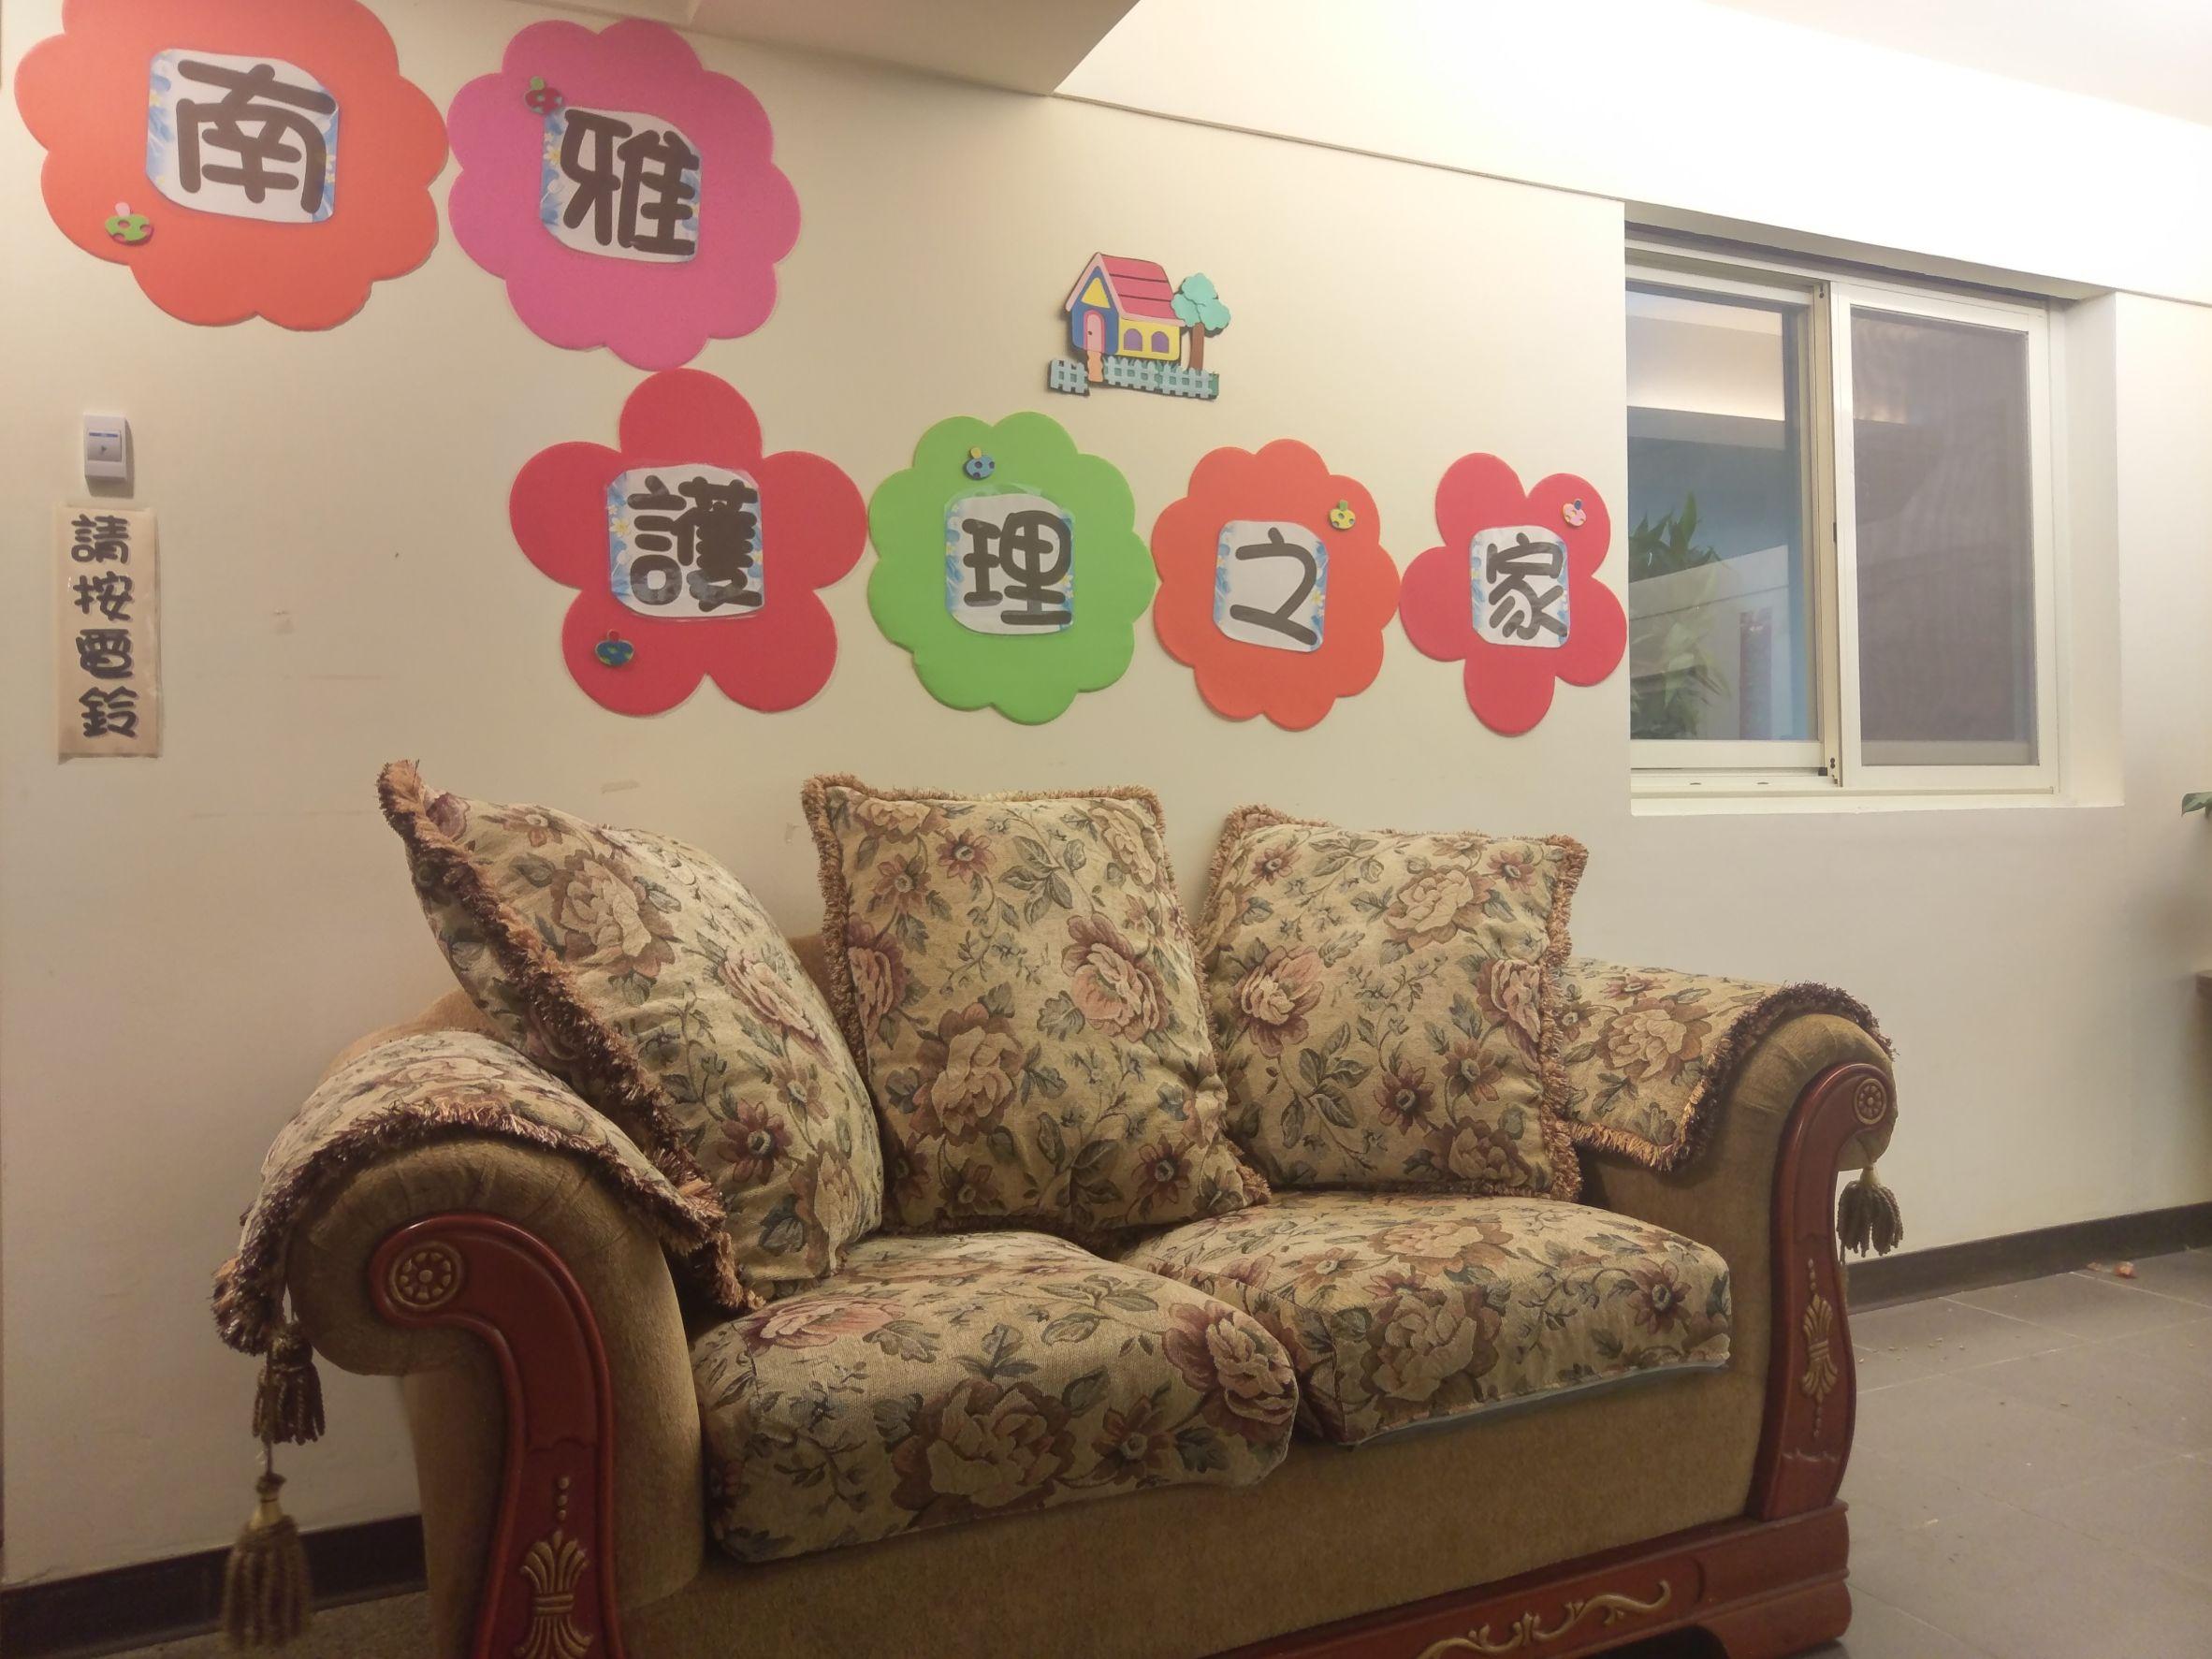 桃園市南雅護理之家-室內環境1